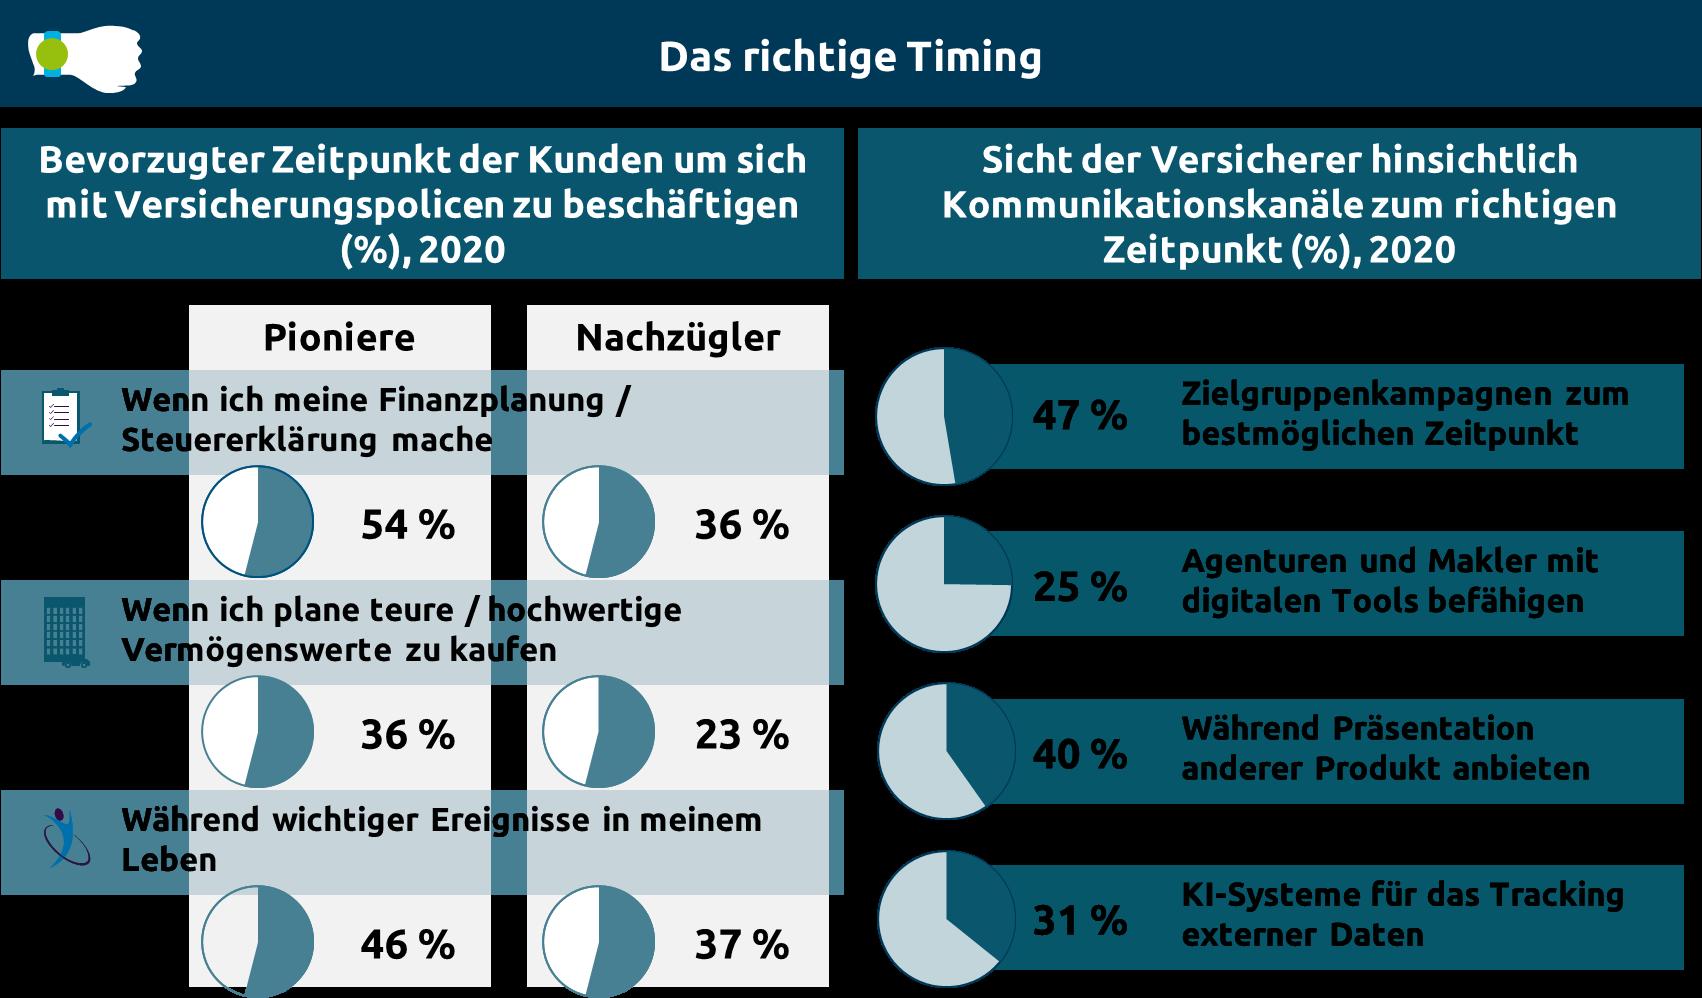 Abb. 4 Bevorzugte Zeitpunkte der Kunden für Versicherungsangele-genheiten (DACH-Region)